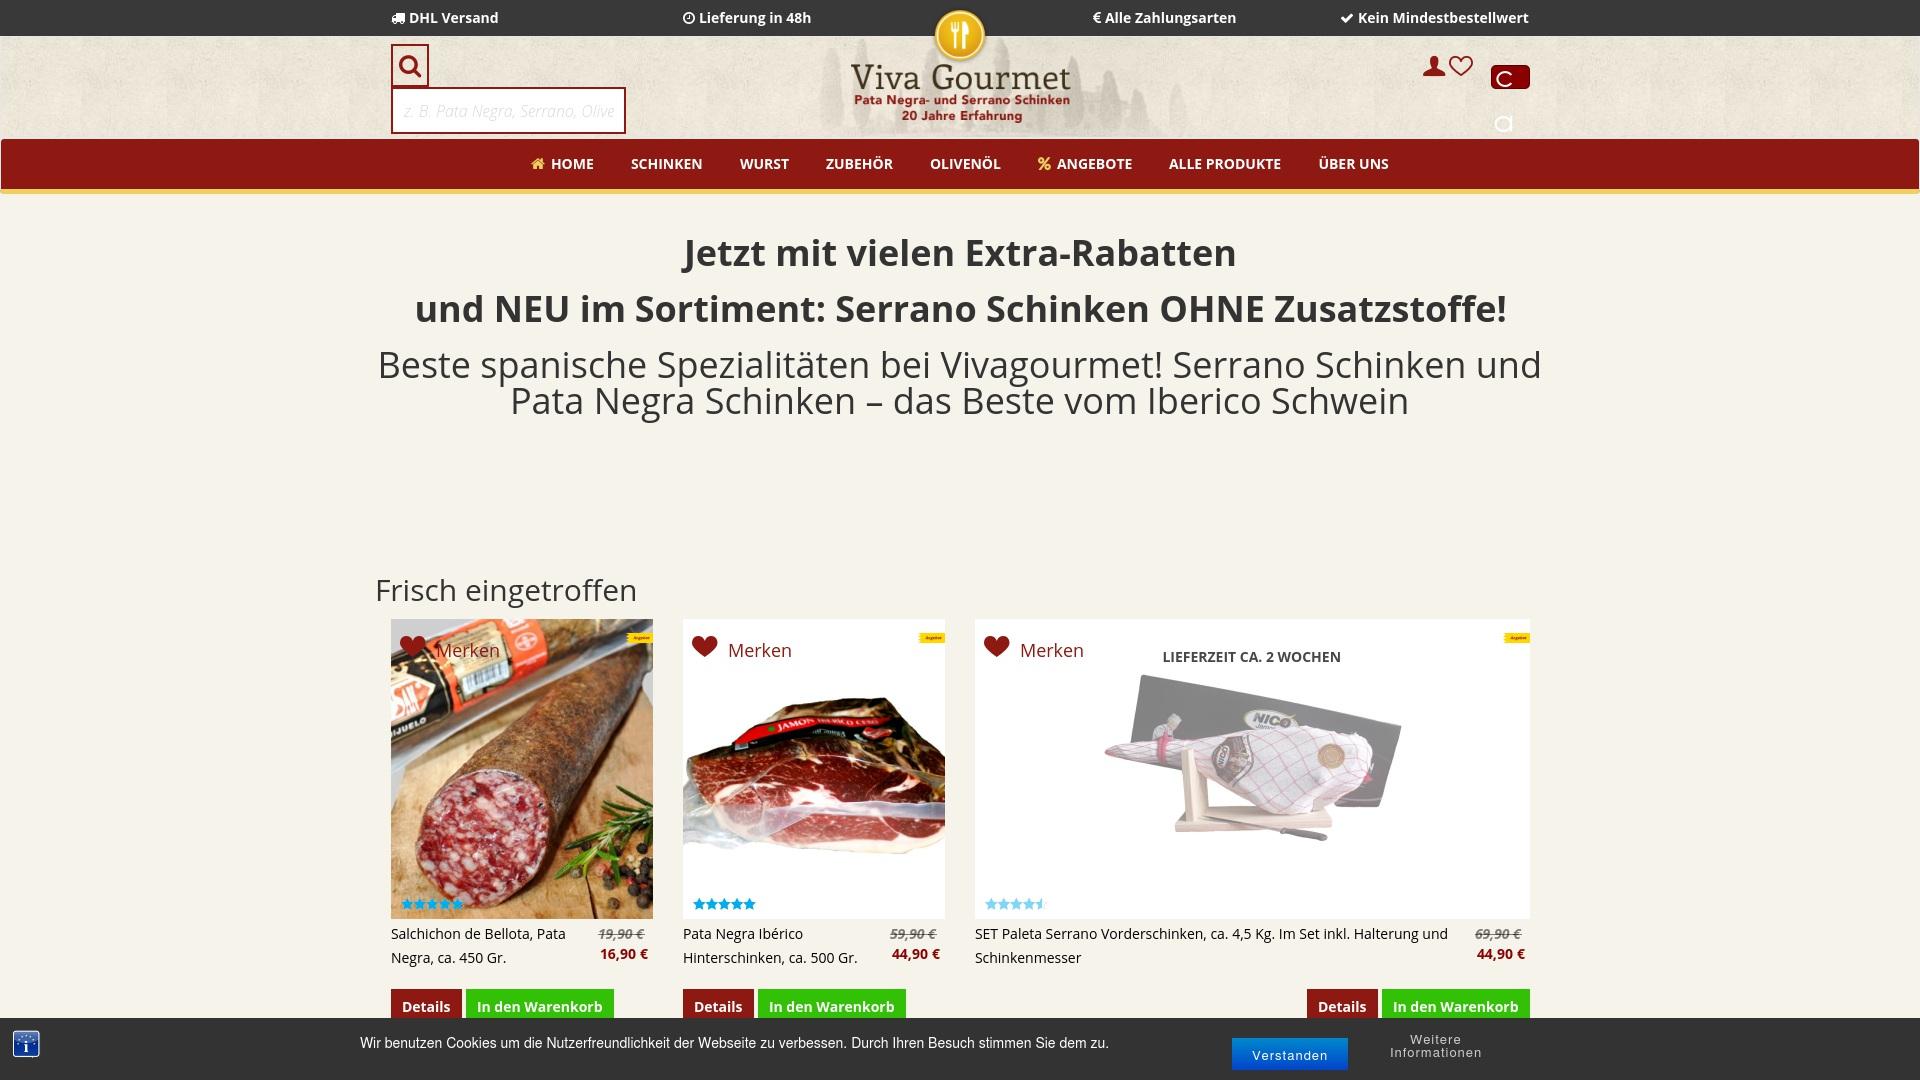 Gutschein für Vivagourmet: Rabatte für  Vivagourmet sichern